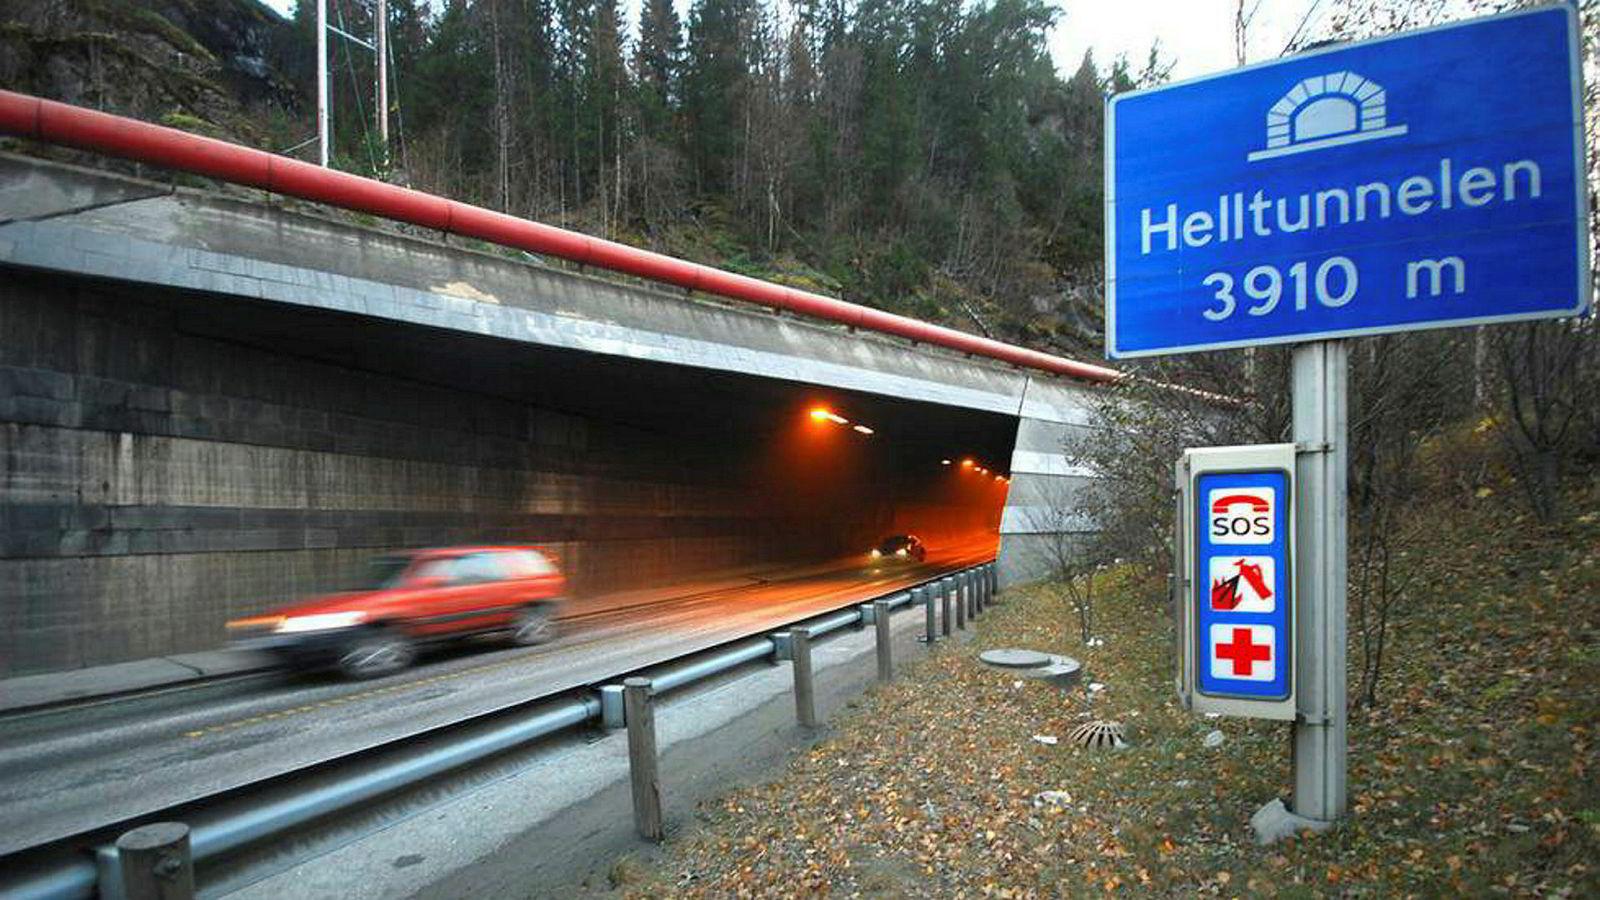 Her ved Helltunnelen på E6 mellom Trondheim og Værnes skal Nye Veier senere i år utvide motorveien fra to til fire felter.